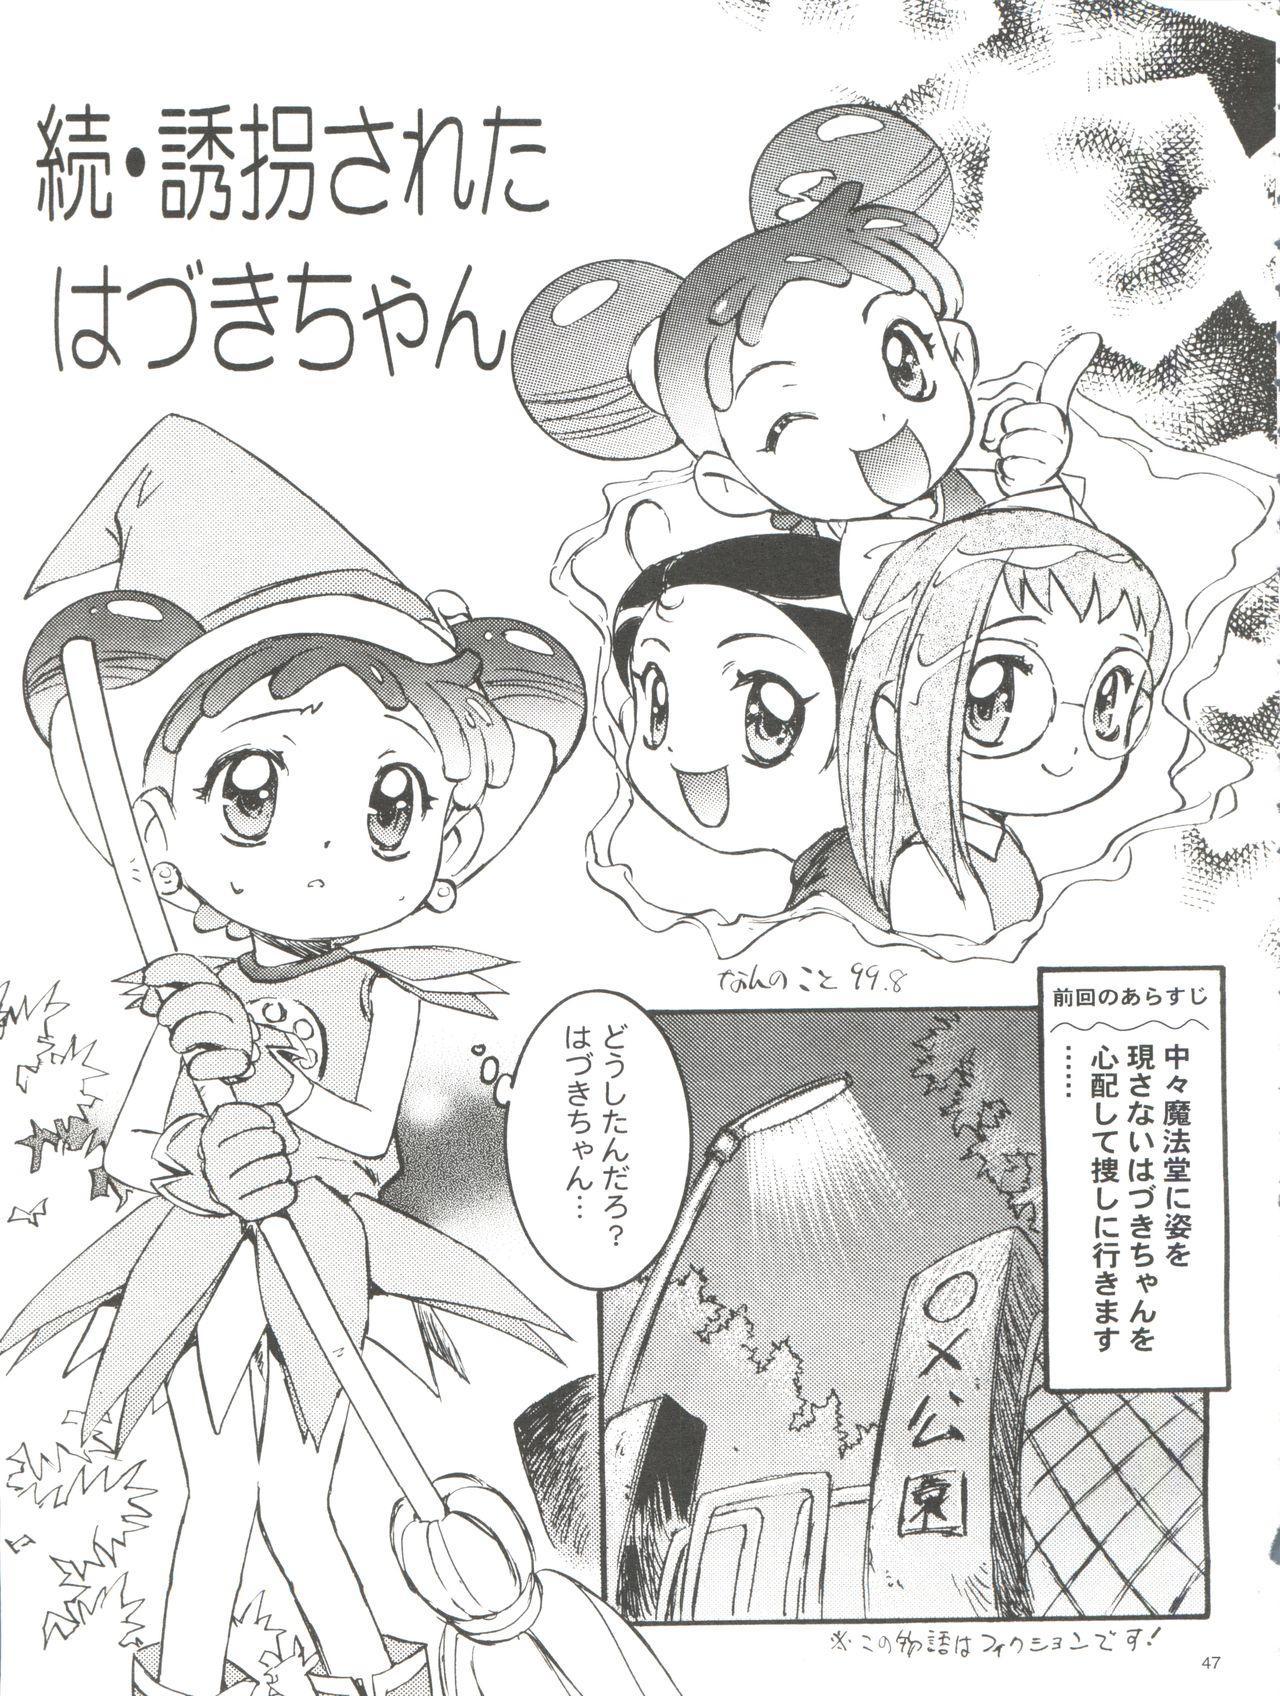 Wanpaku Anime Daihyakka Nanno Koto Jisensyuu Vol. 1 48